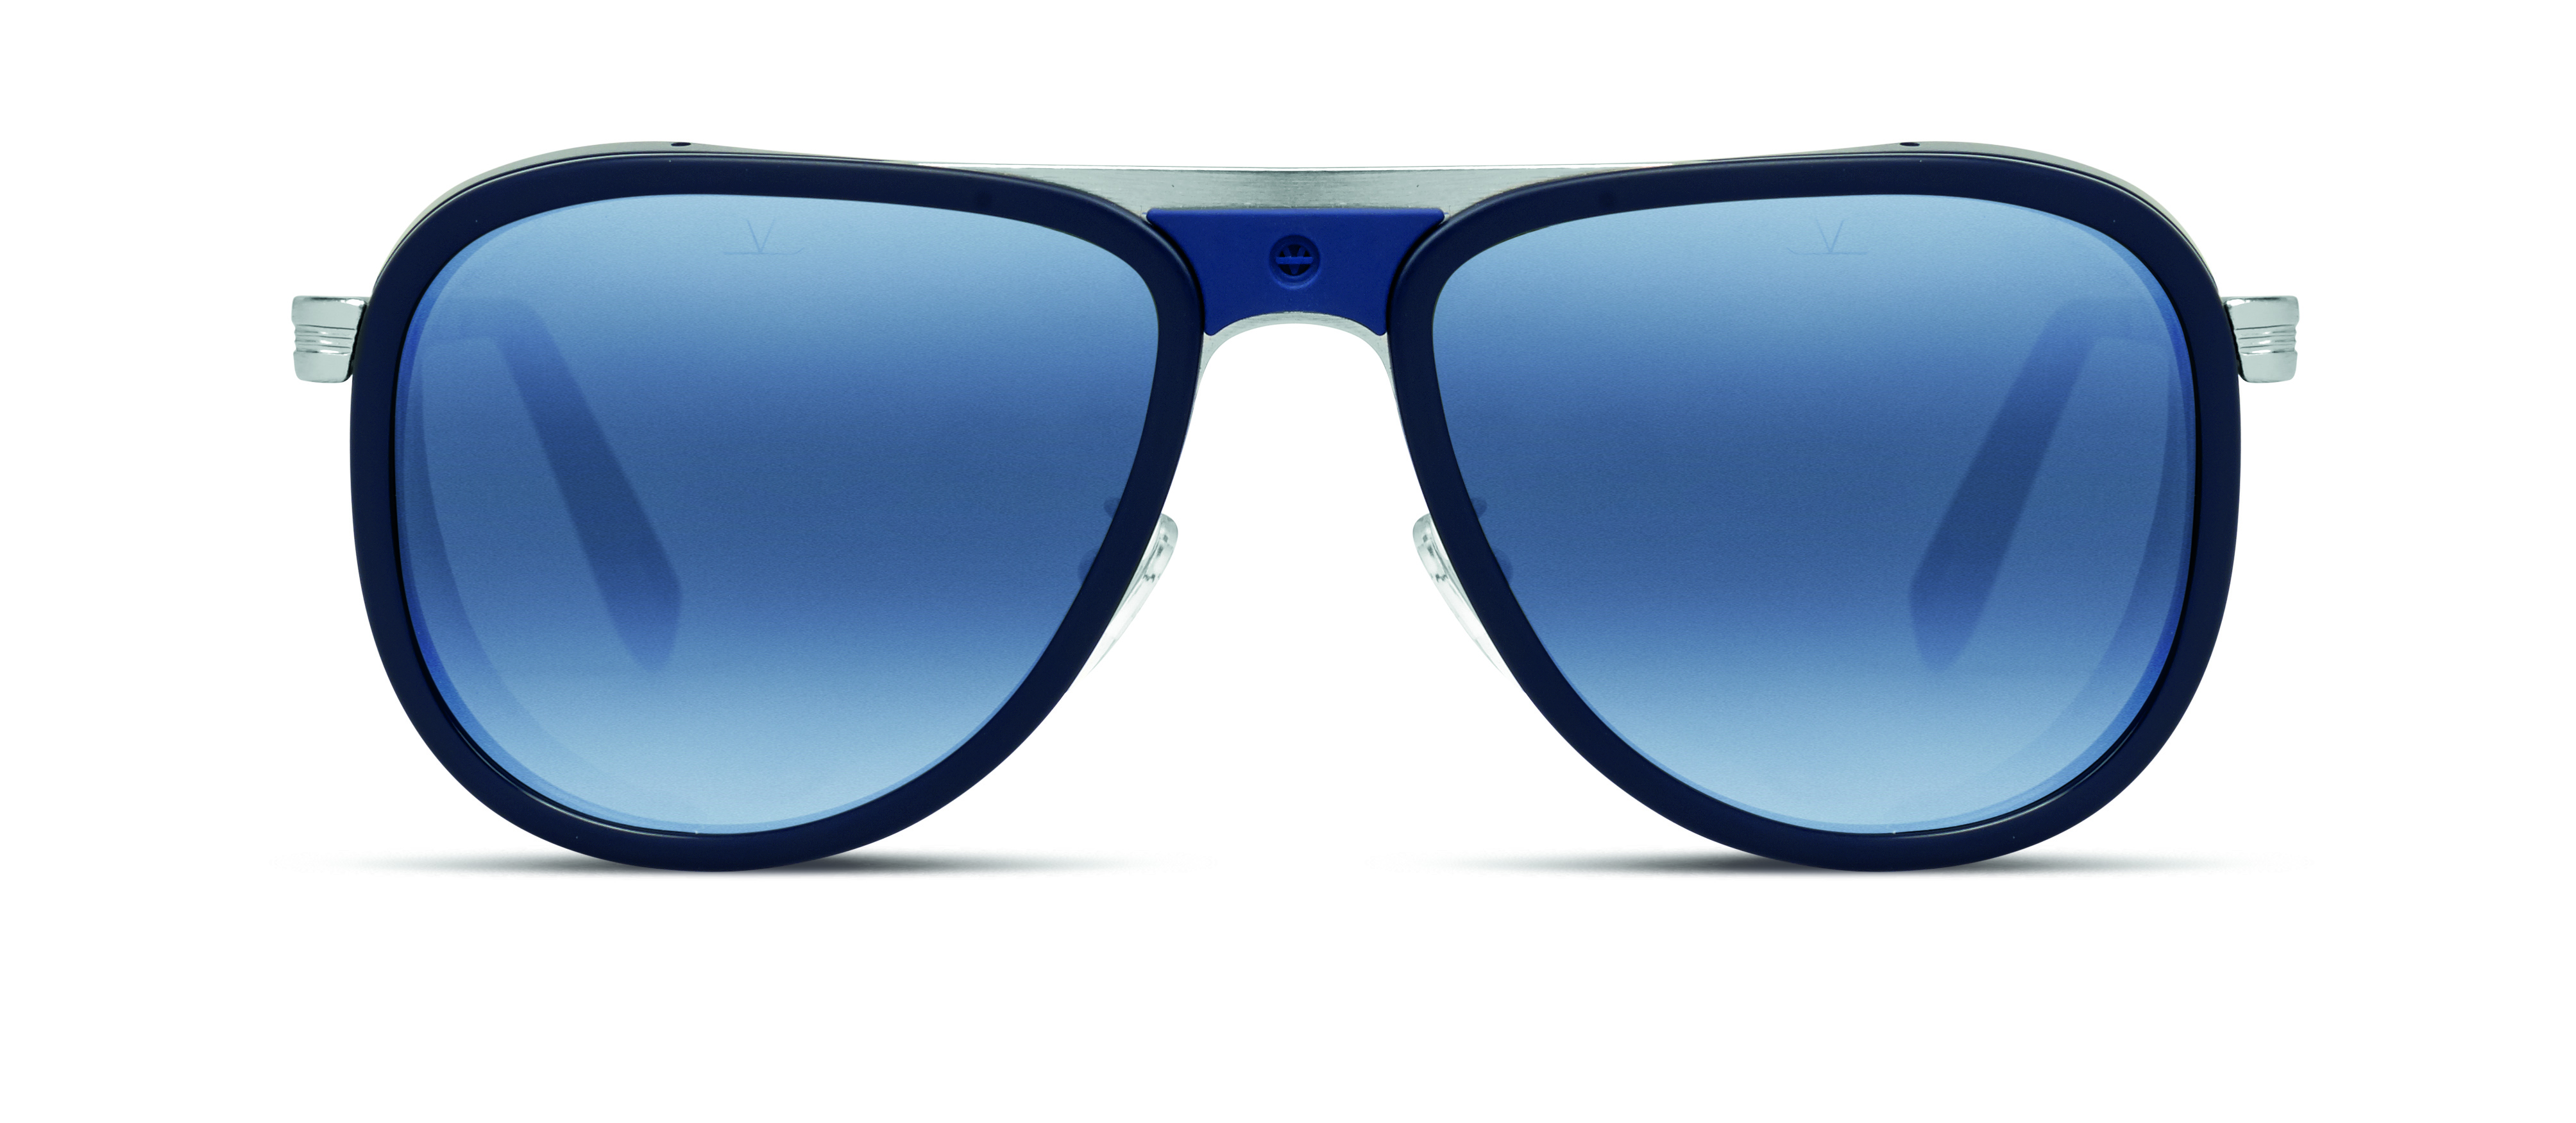 VUARNET Glacier - Blue with SX1000 lens - front